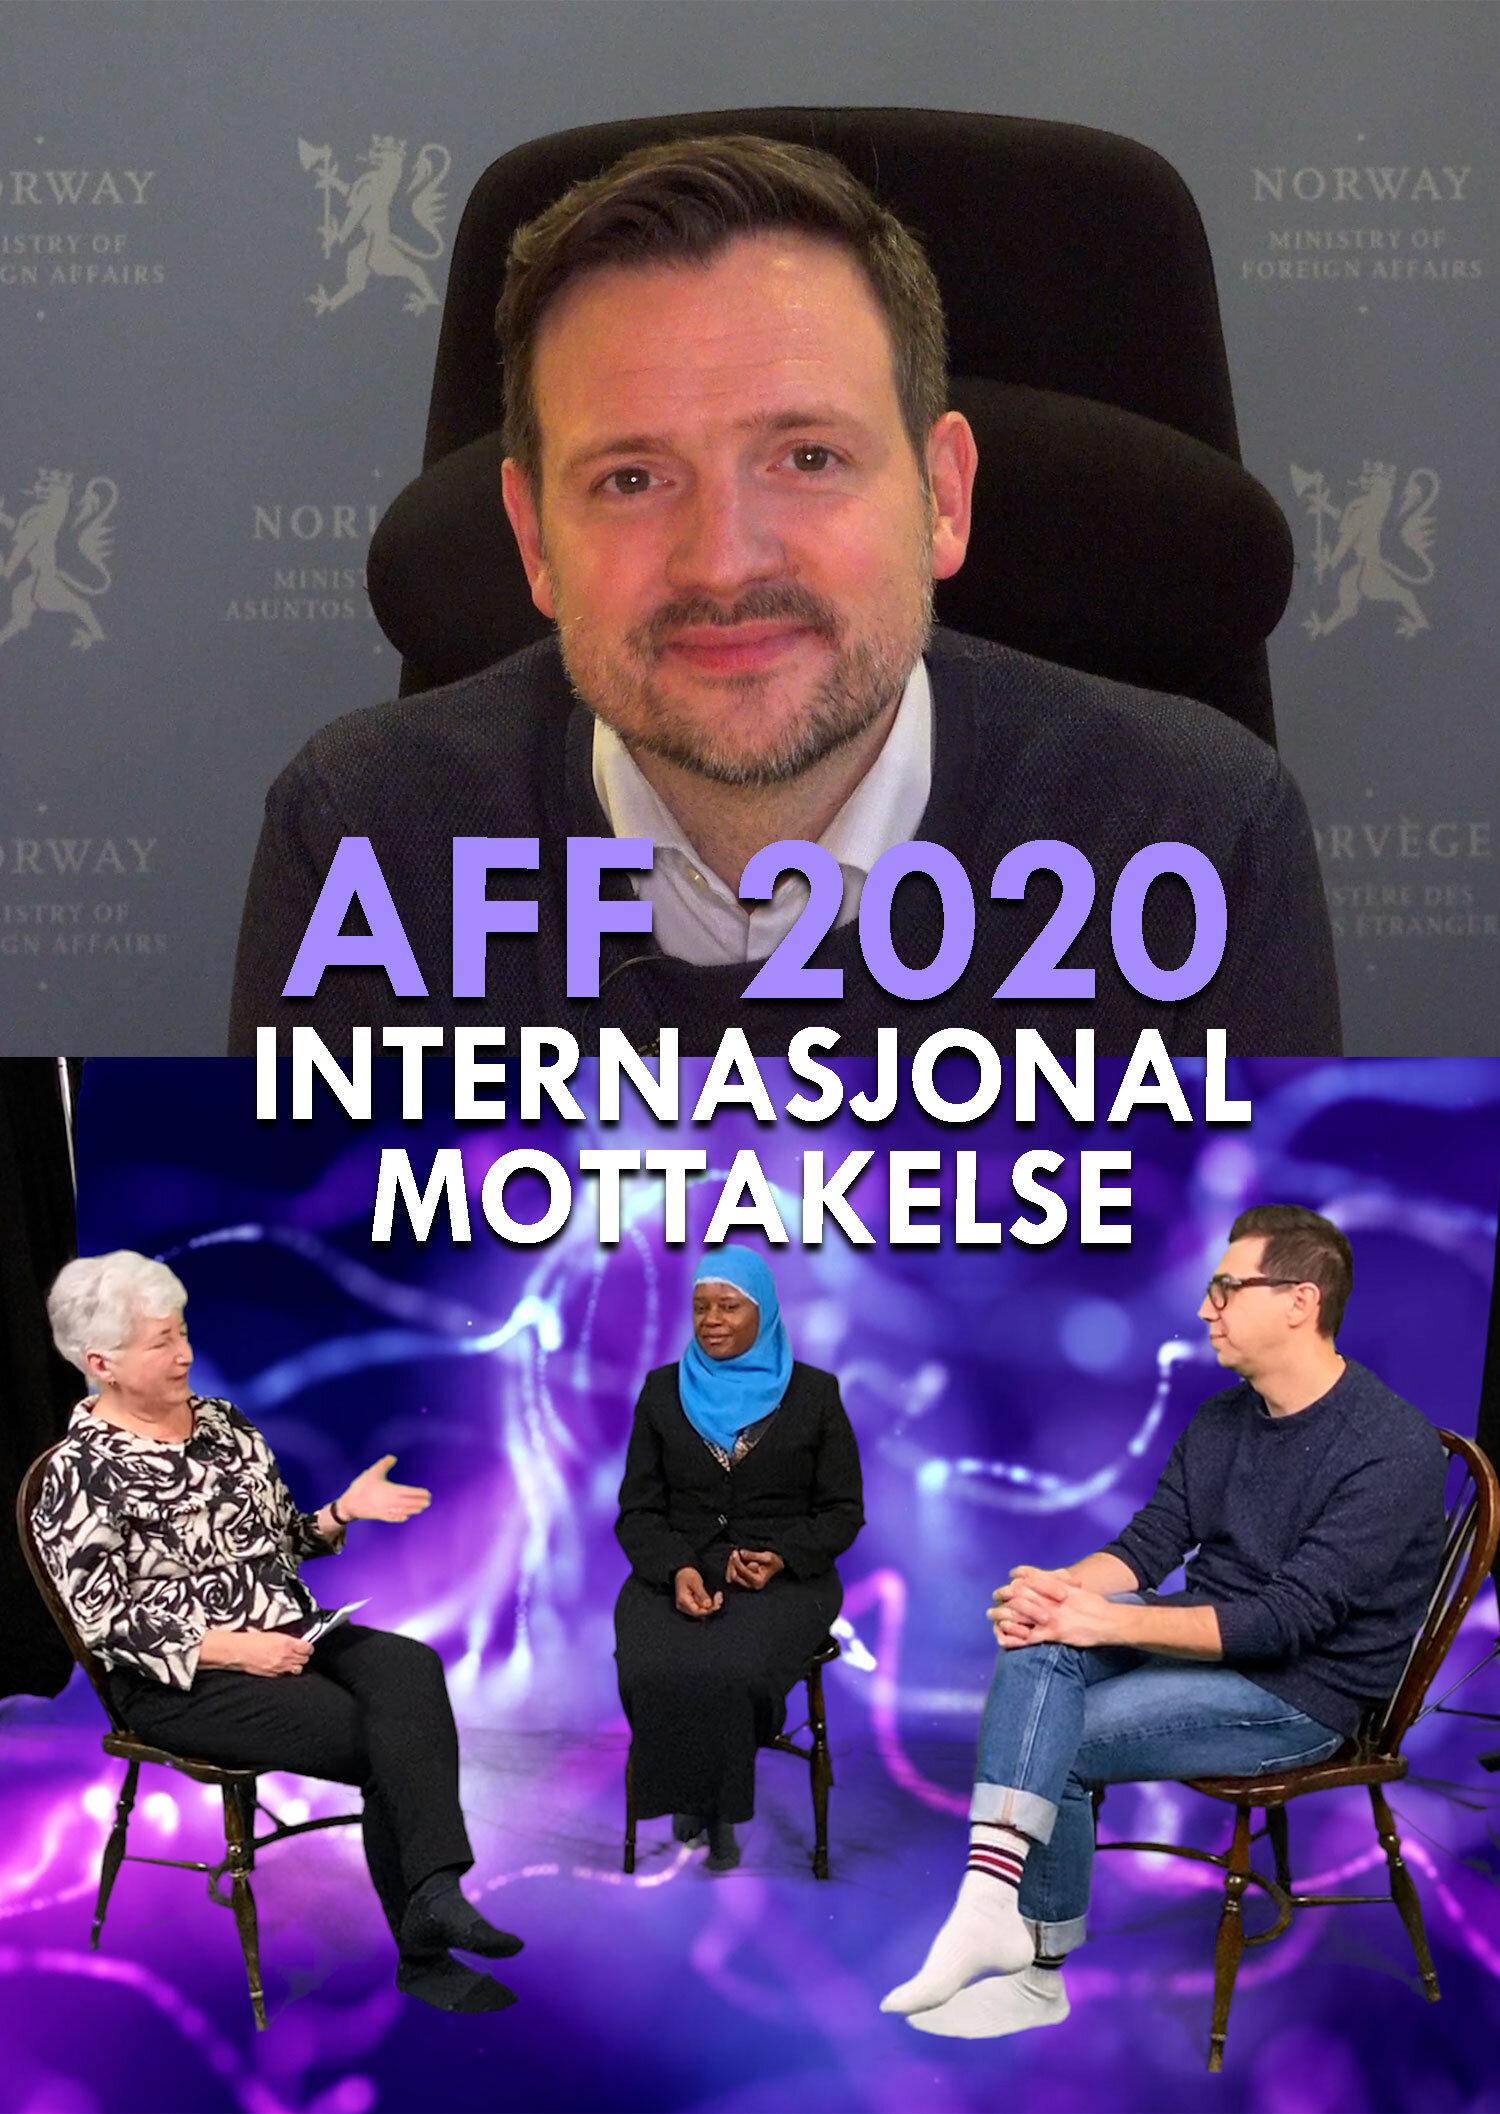 Internasjonal Mottakelse 2020